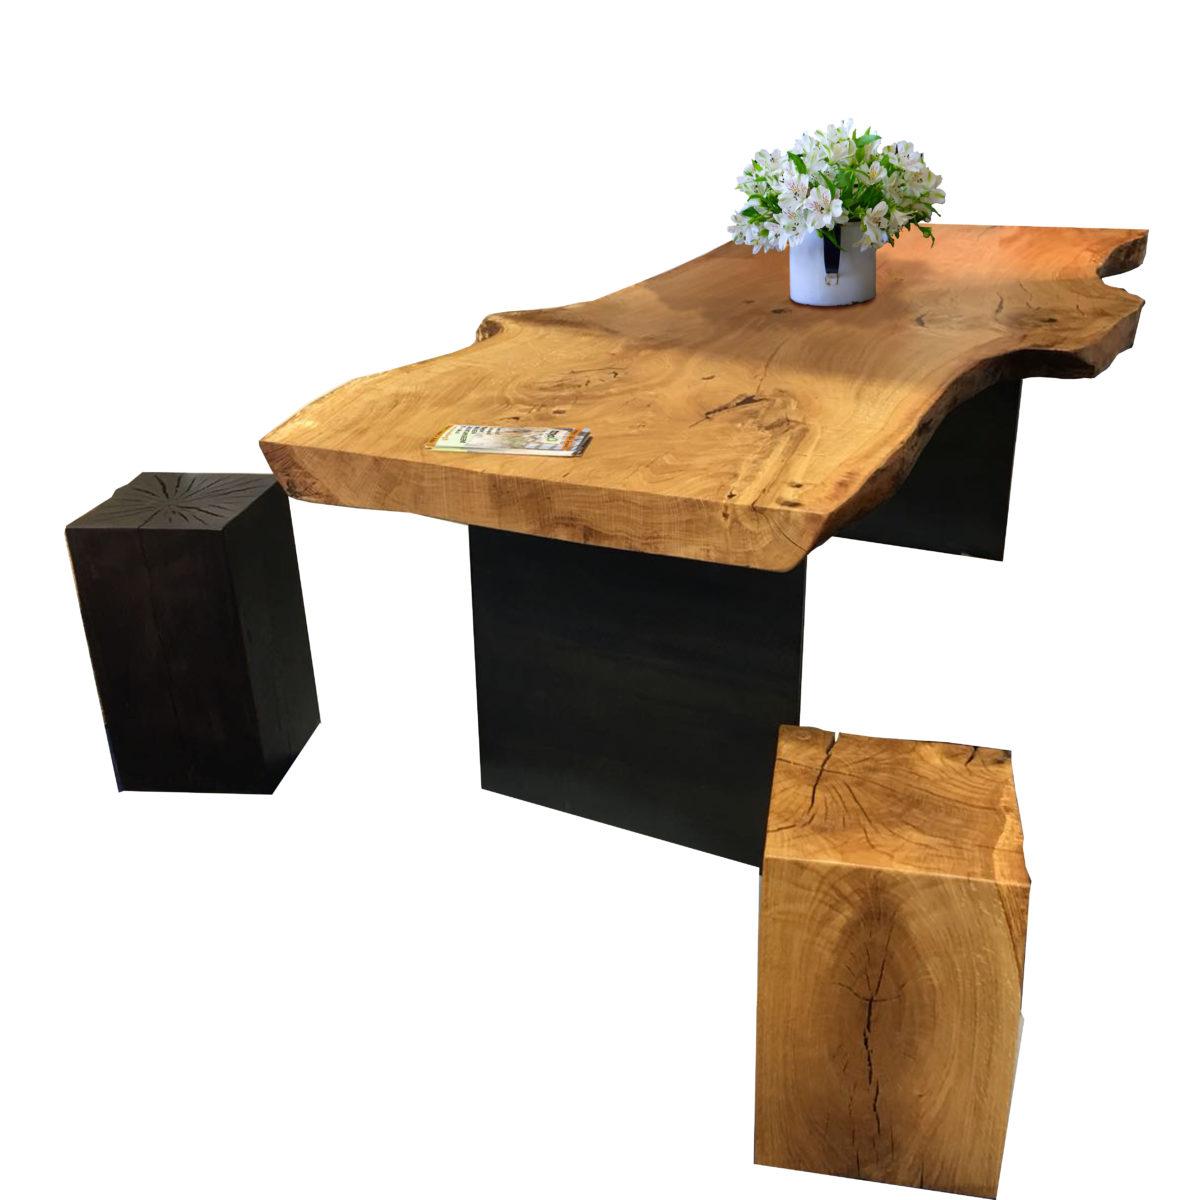 tammipöytä ja tammipölkyt jakkaroina